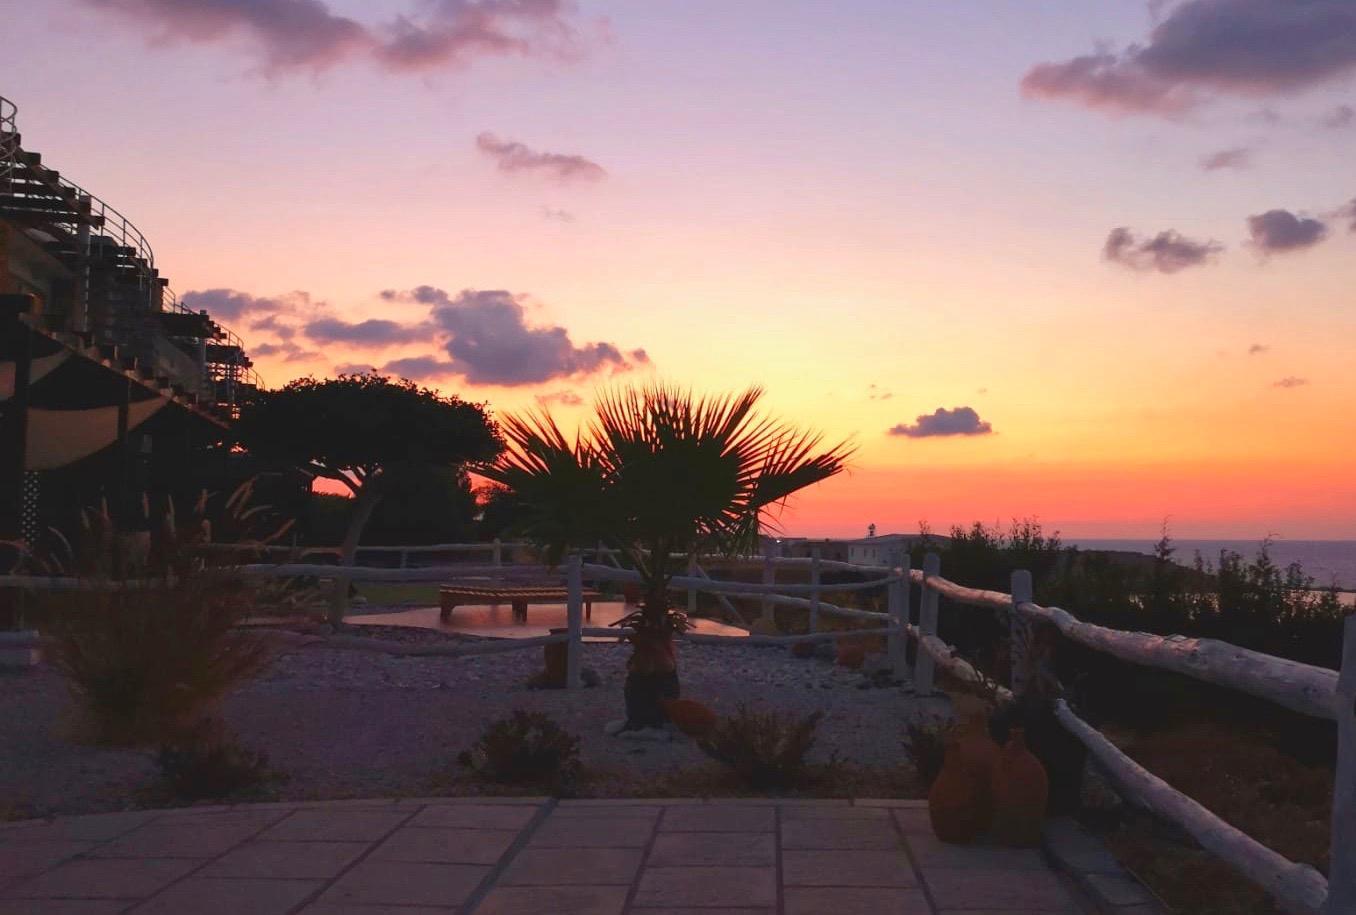 Såhär ser en solnedgång ut från Bosse och Ewa Lindqvists boende.